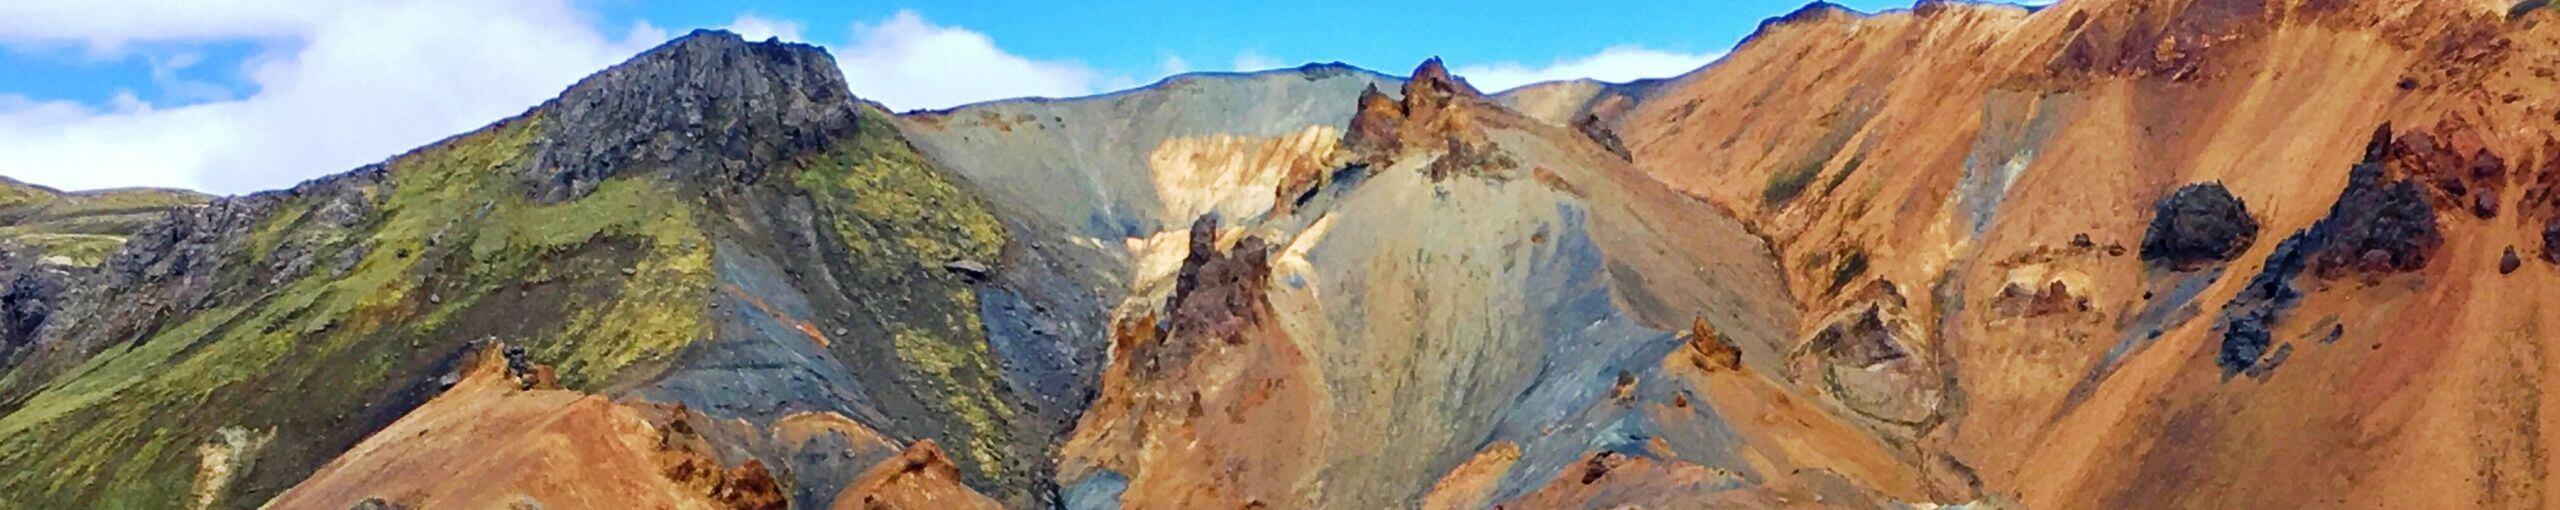 Landmannalaugar Tierras Altas de Islandia.